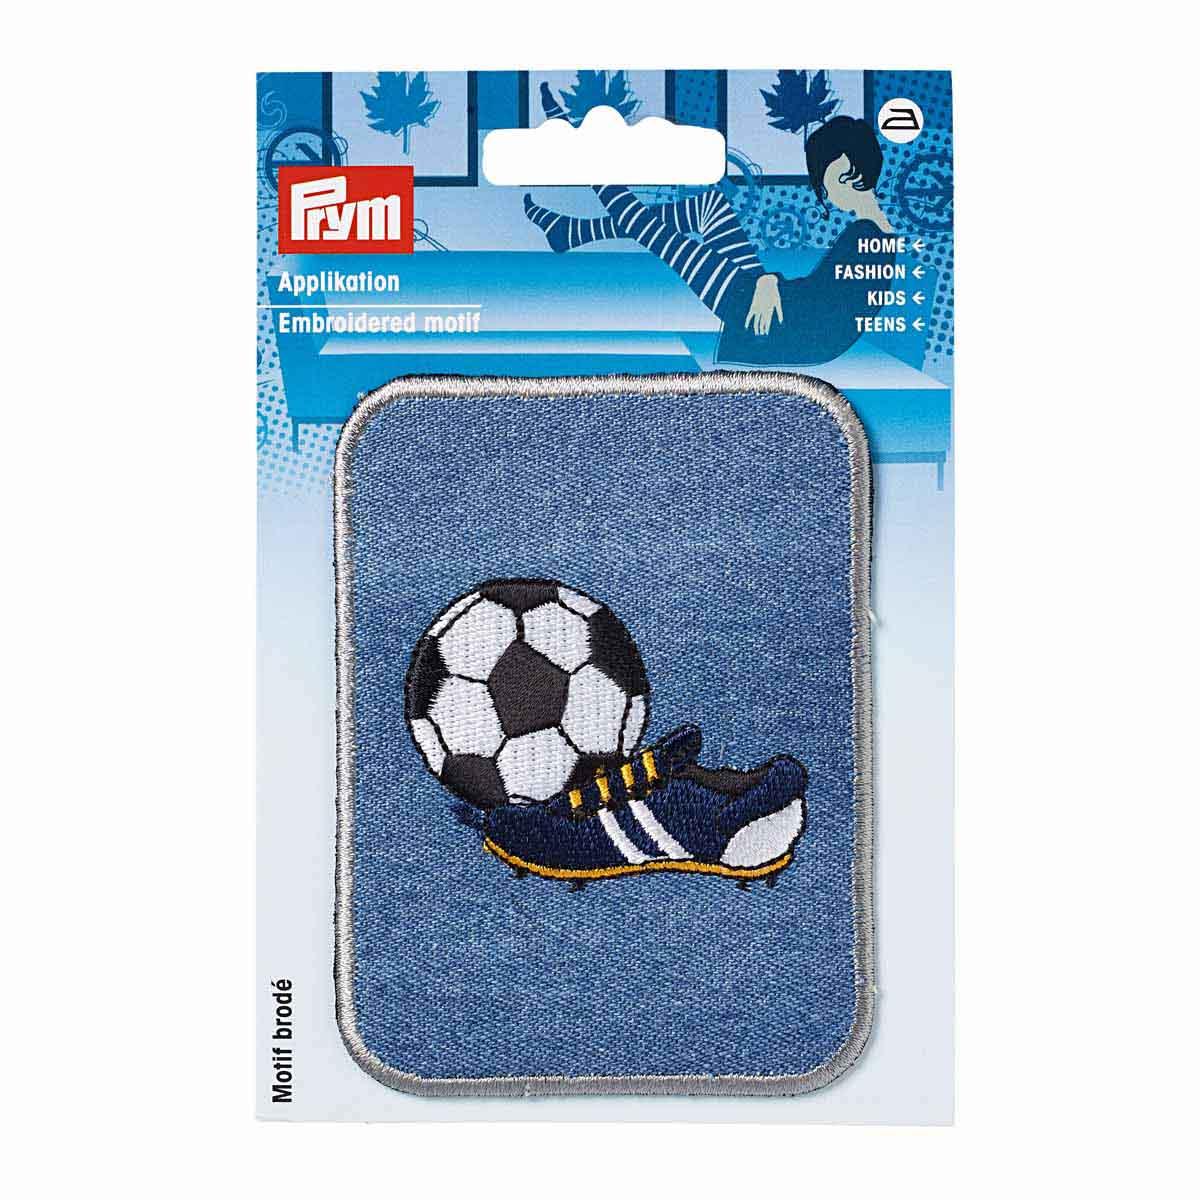 925345 Аппликация-заплатка Футбольный мяч, прямоугольная Prym